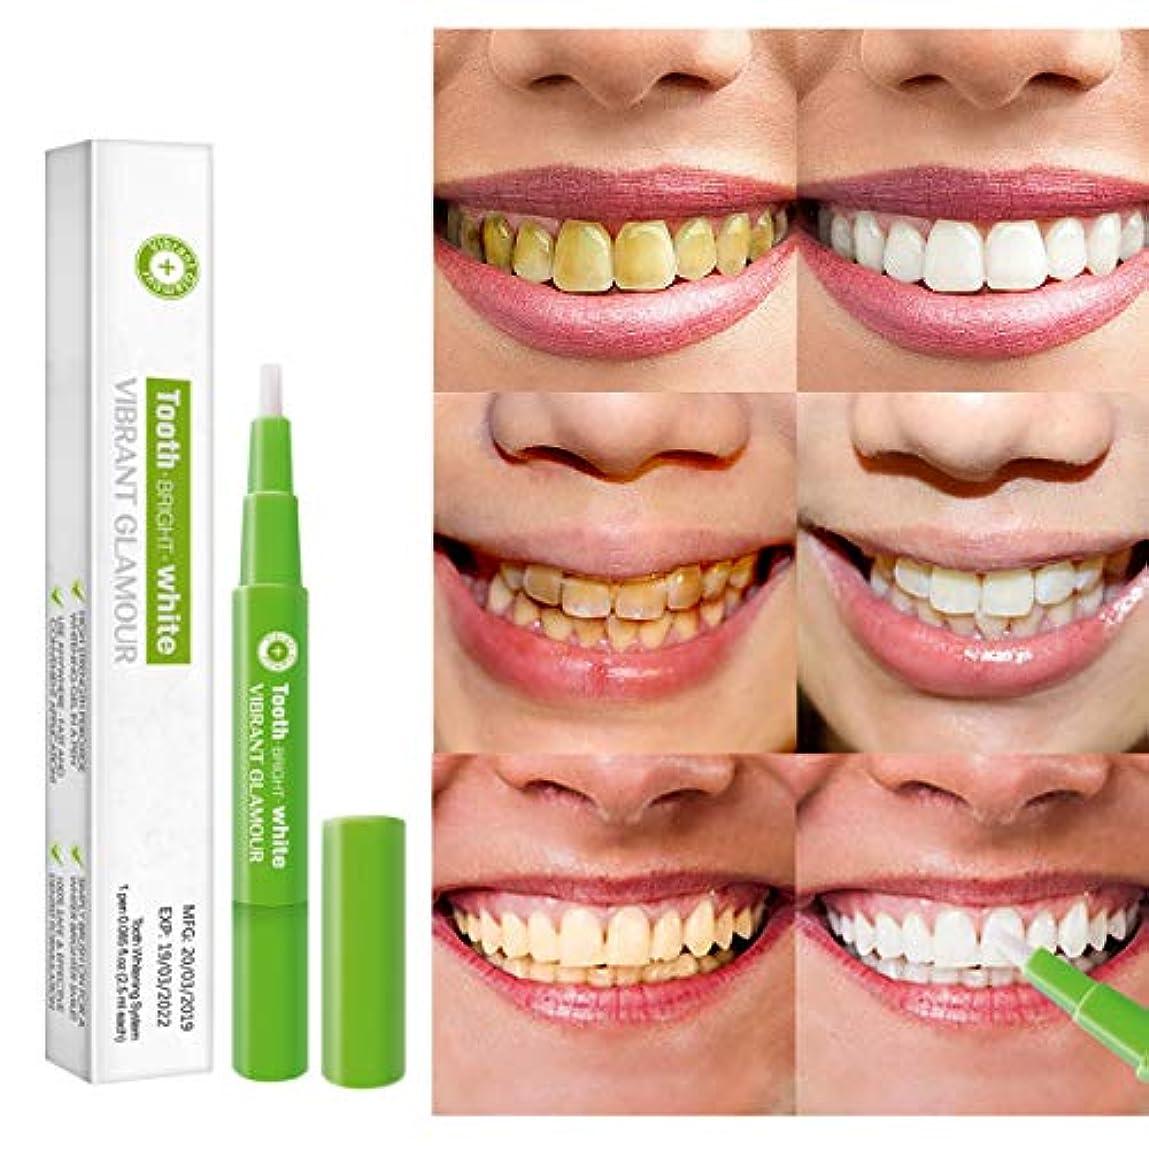 アームストロングカロリーサーキュレーションFalshyvuk 歯の漂白剤 ホワイトニングペンミントの成分安全性 歯の白い漂白剤 携帯便利 瞬間汚れ消しゴムリムーバー 美白ゲル デンタルケア (3g)